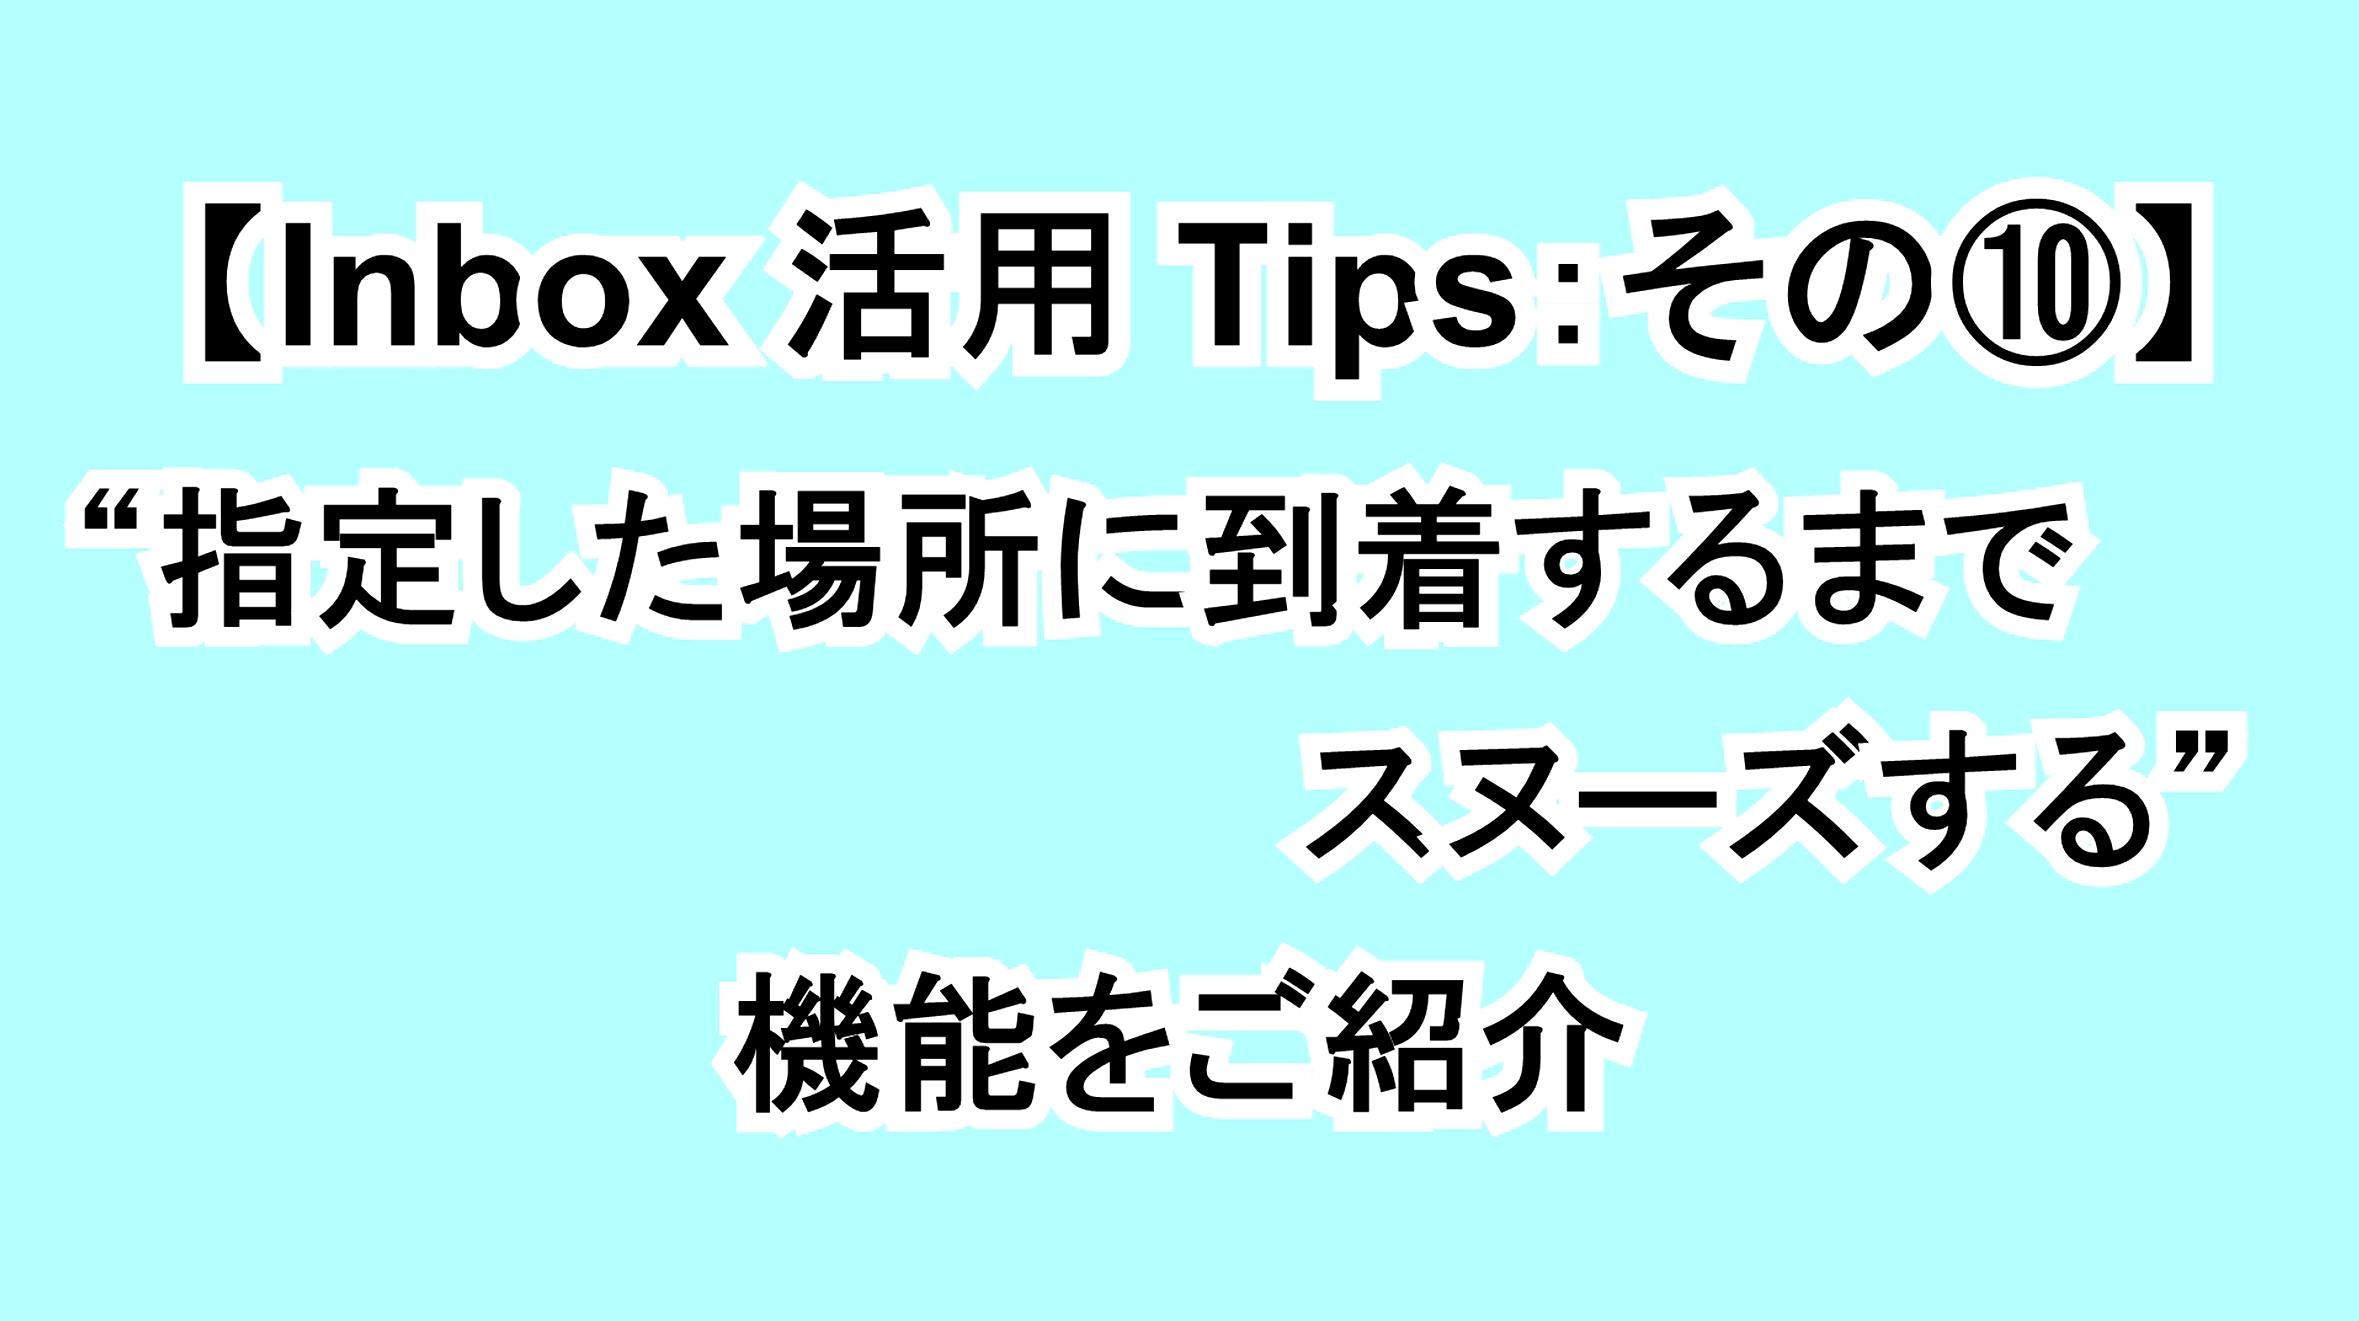 【Inbox活用Tips:その⑩】指定した場所に到着するまでスヌーズできる機能を解説